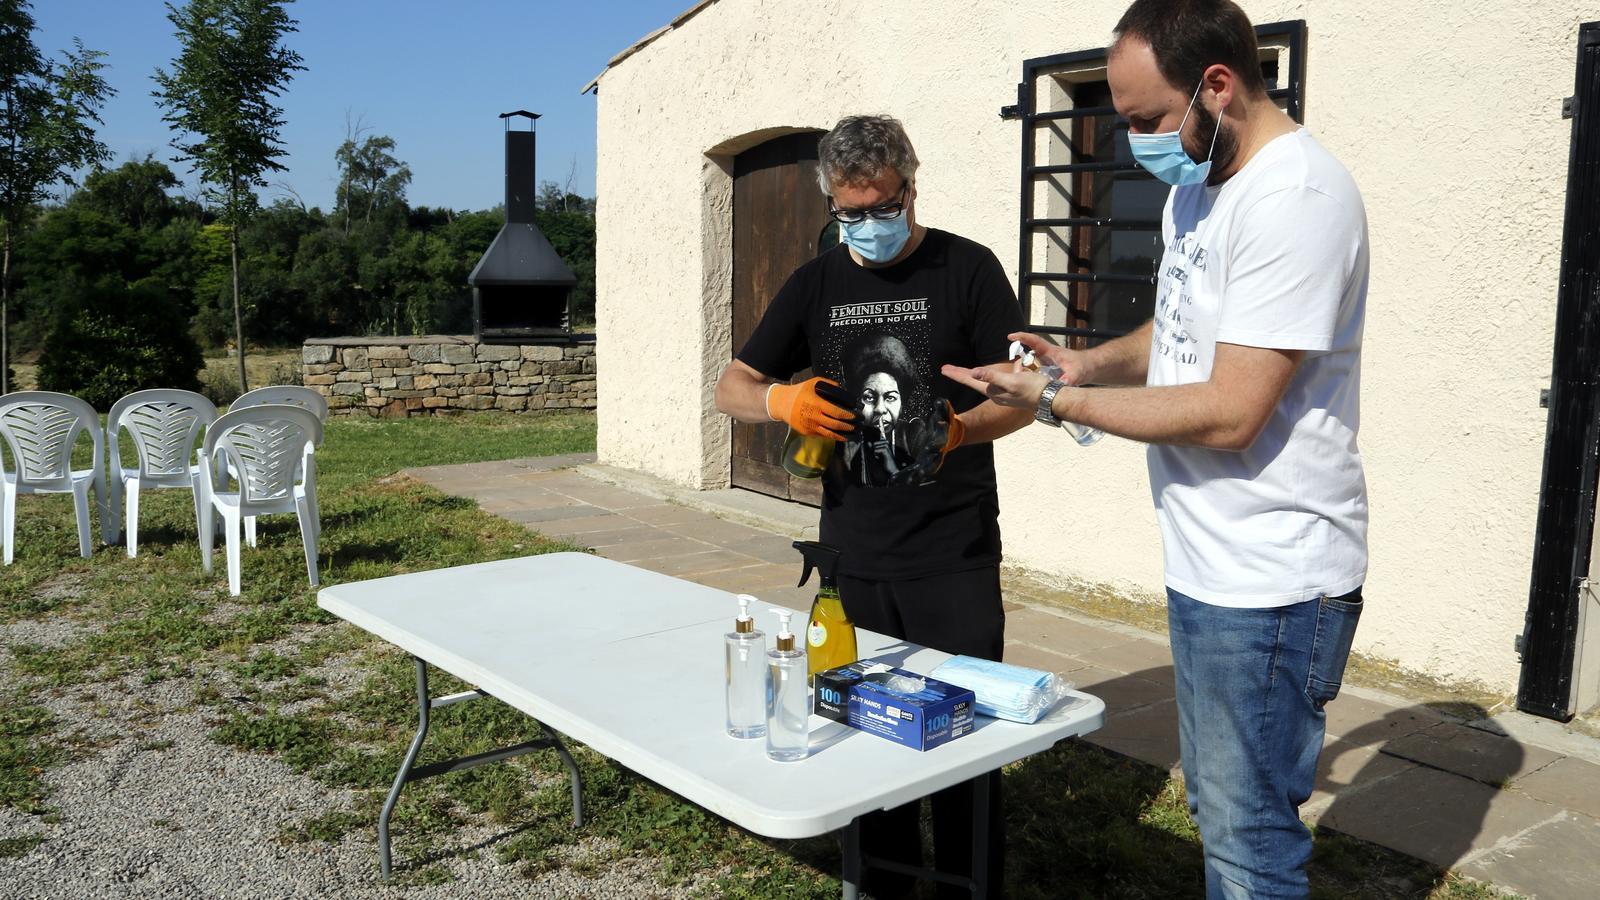 L'alcalde de Castellserà, Marcel Pujol, i l'actor Jordi Pedrós, preparant la taula amb els hidrogels desinfectants per al festival Desescal-ART